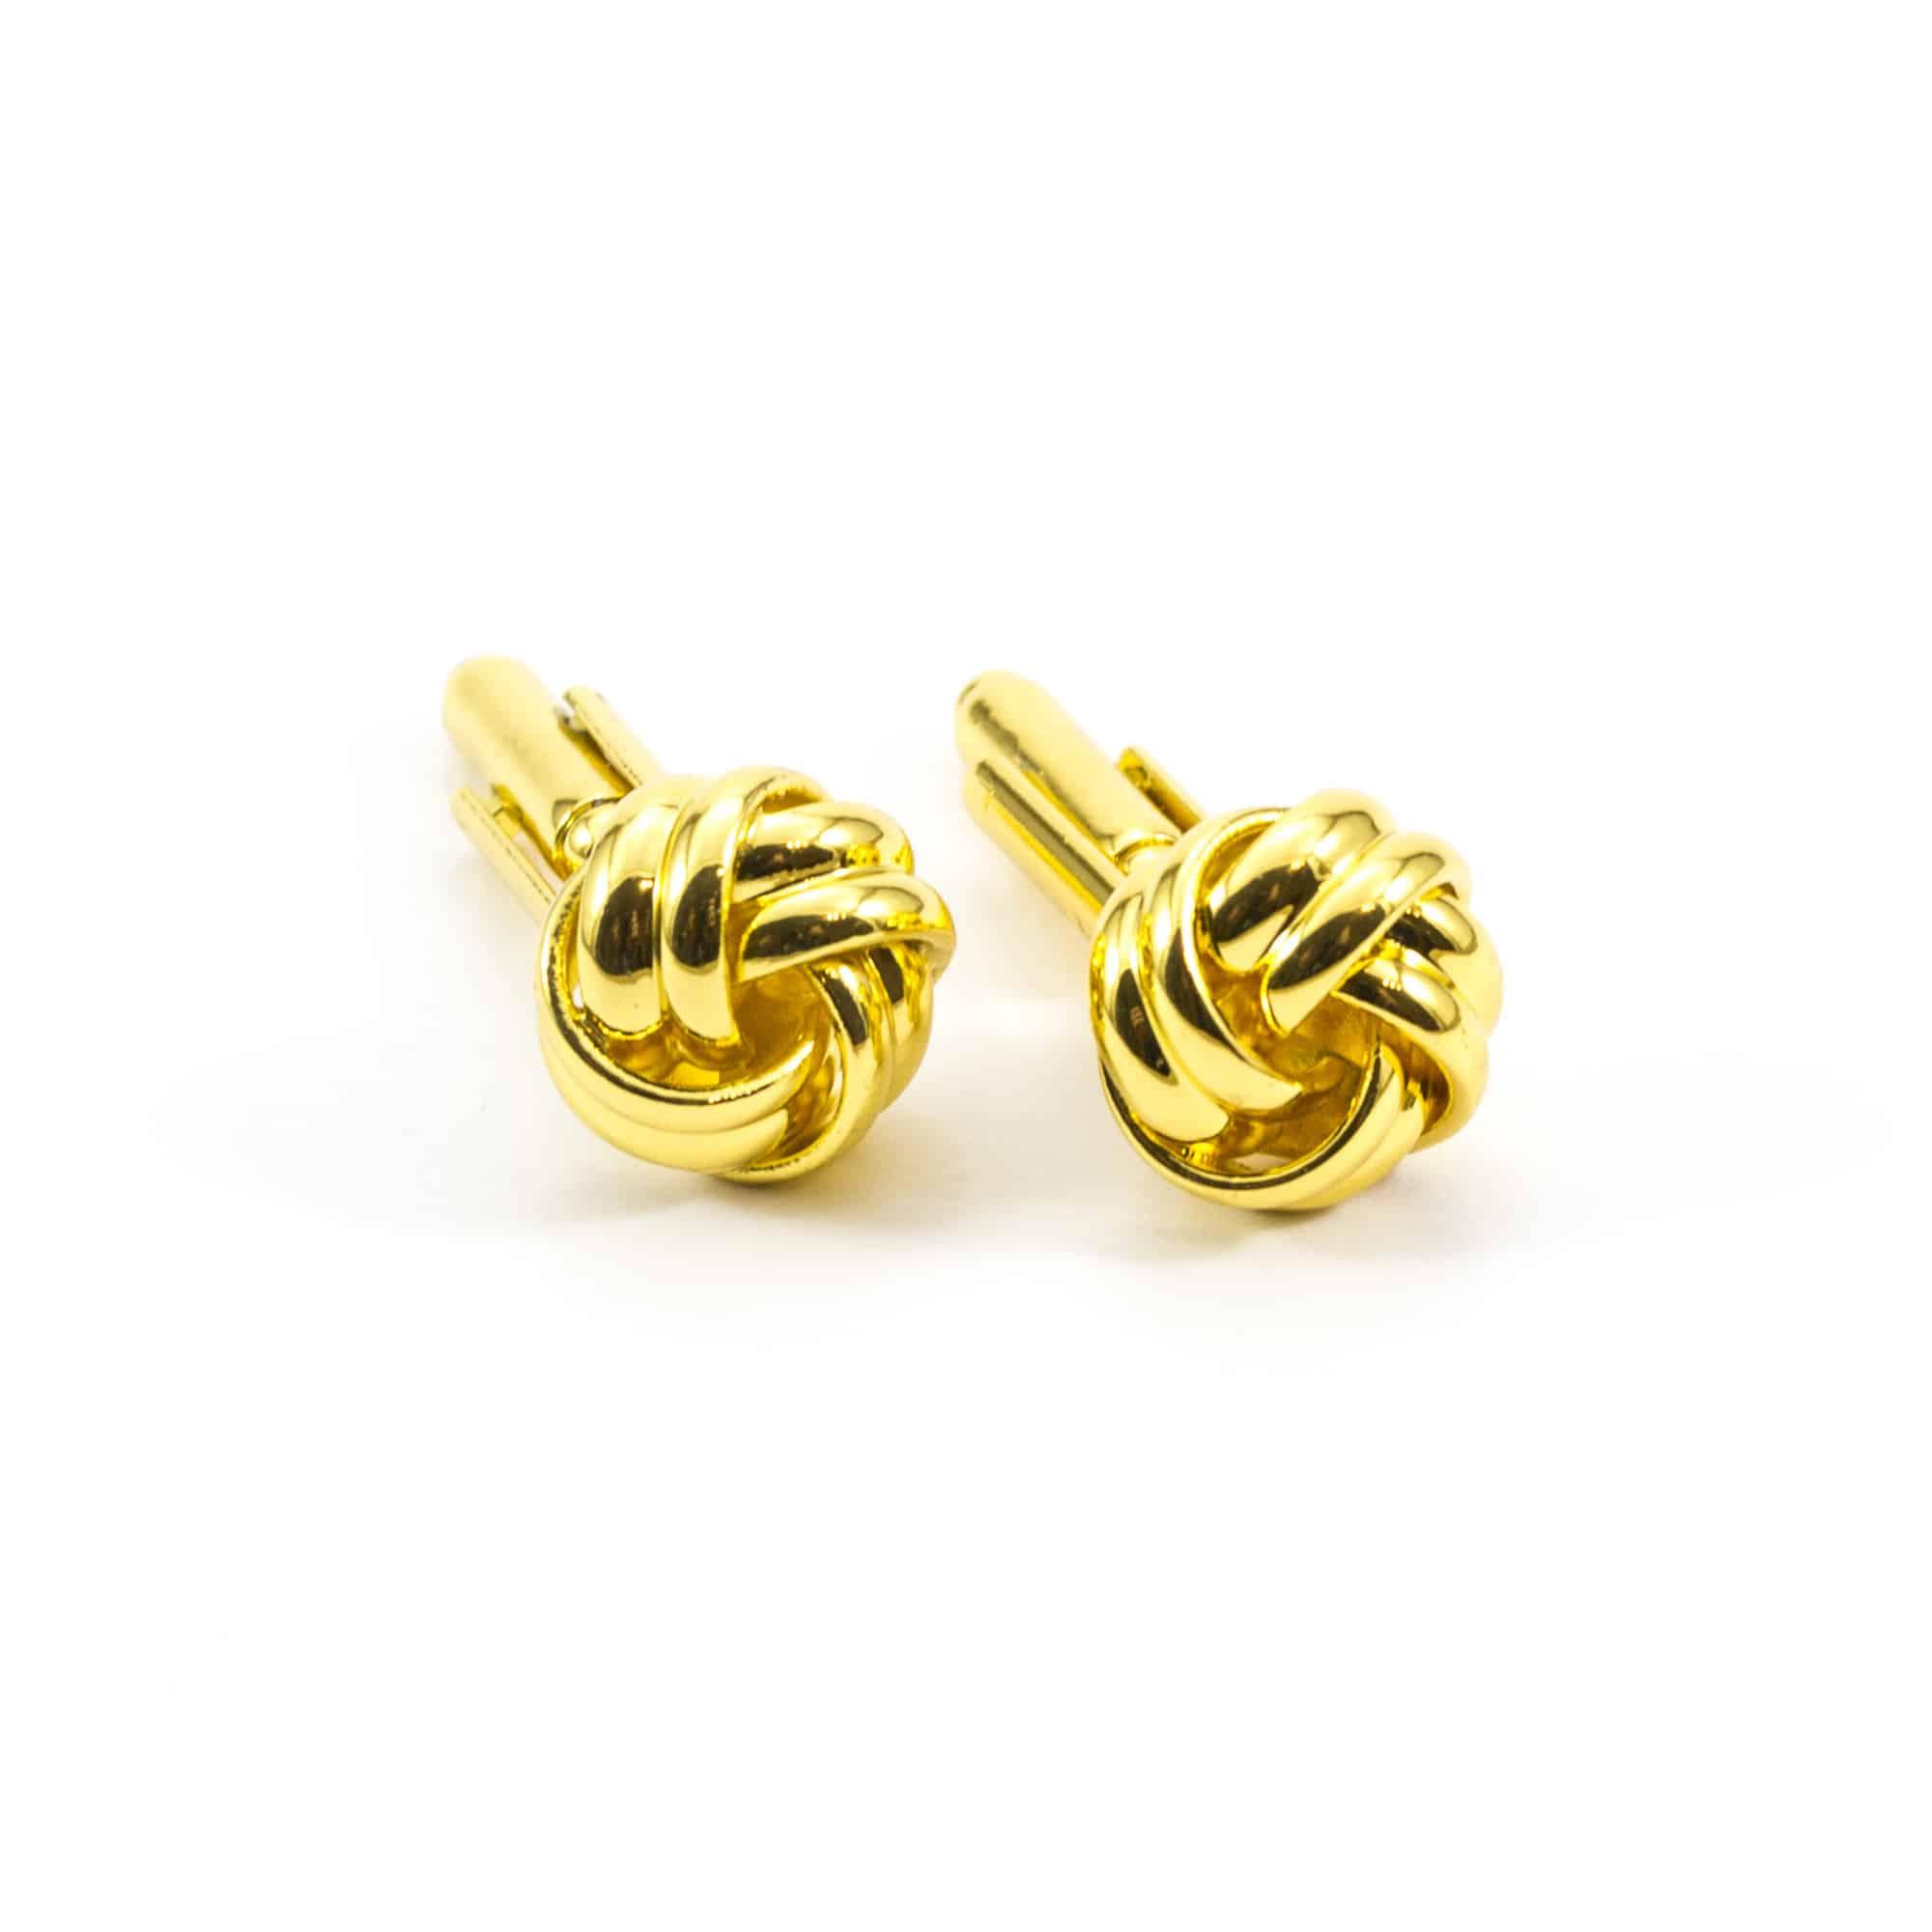 9e22a57b5d15 Zlaté manžetové gombíky Glossy Cuffs.